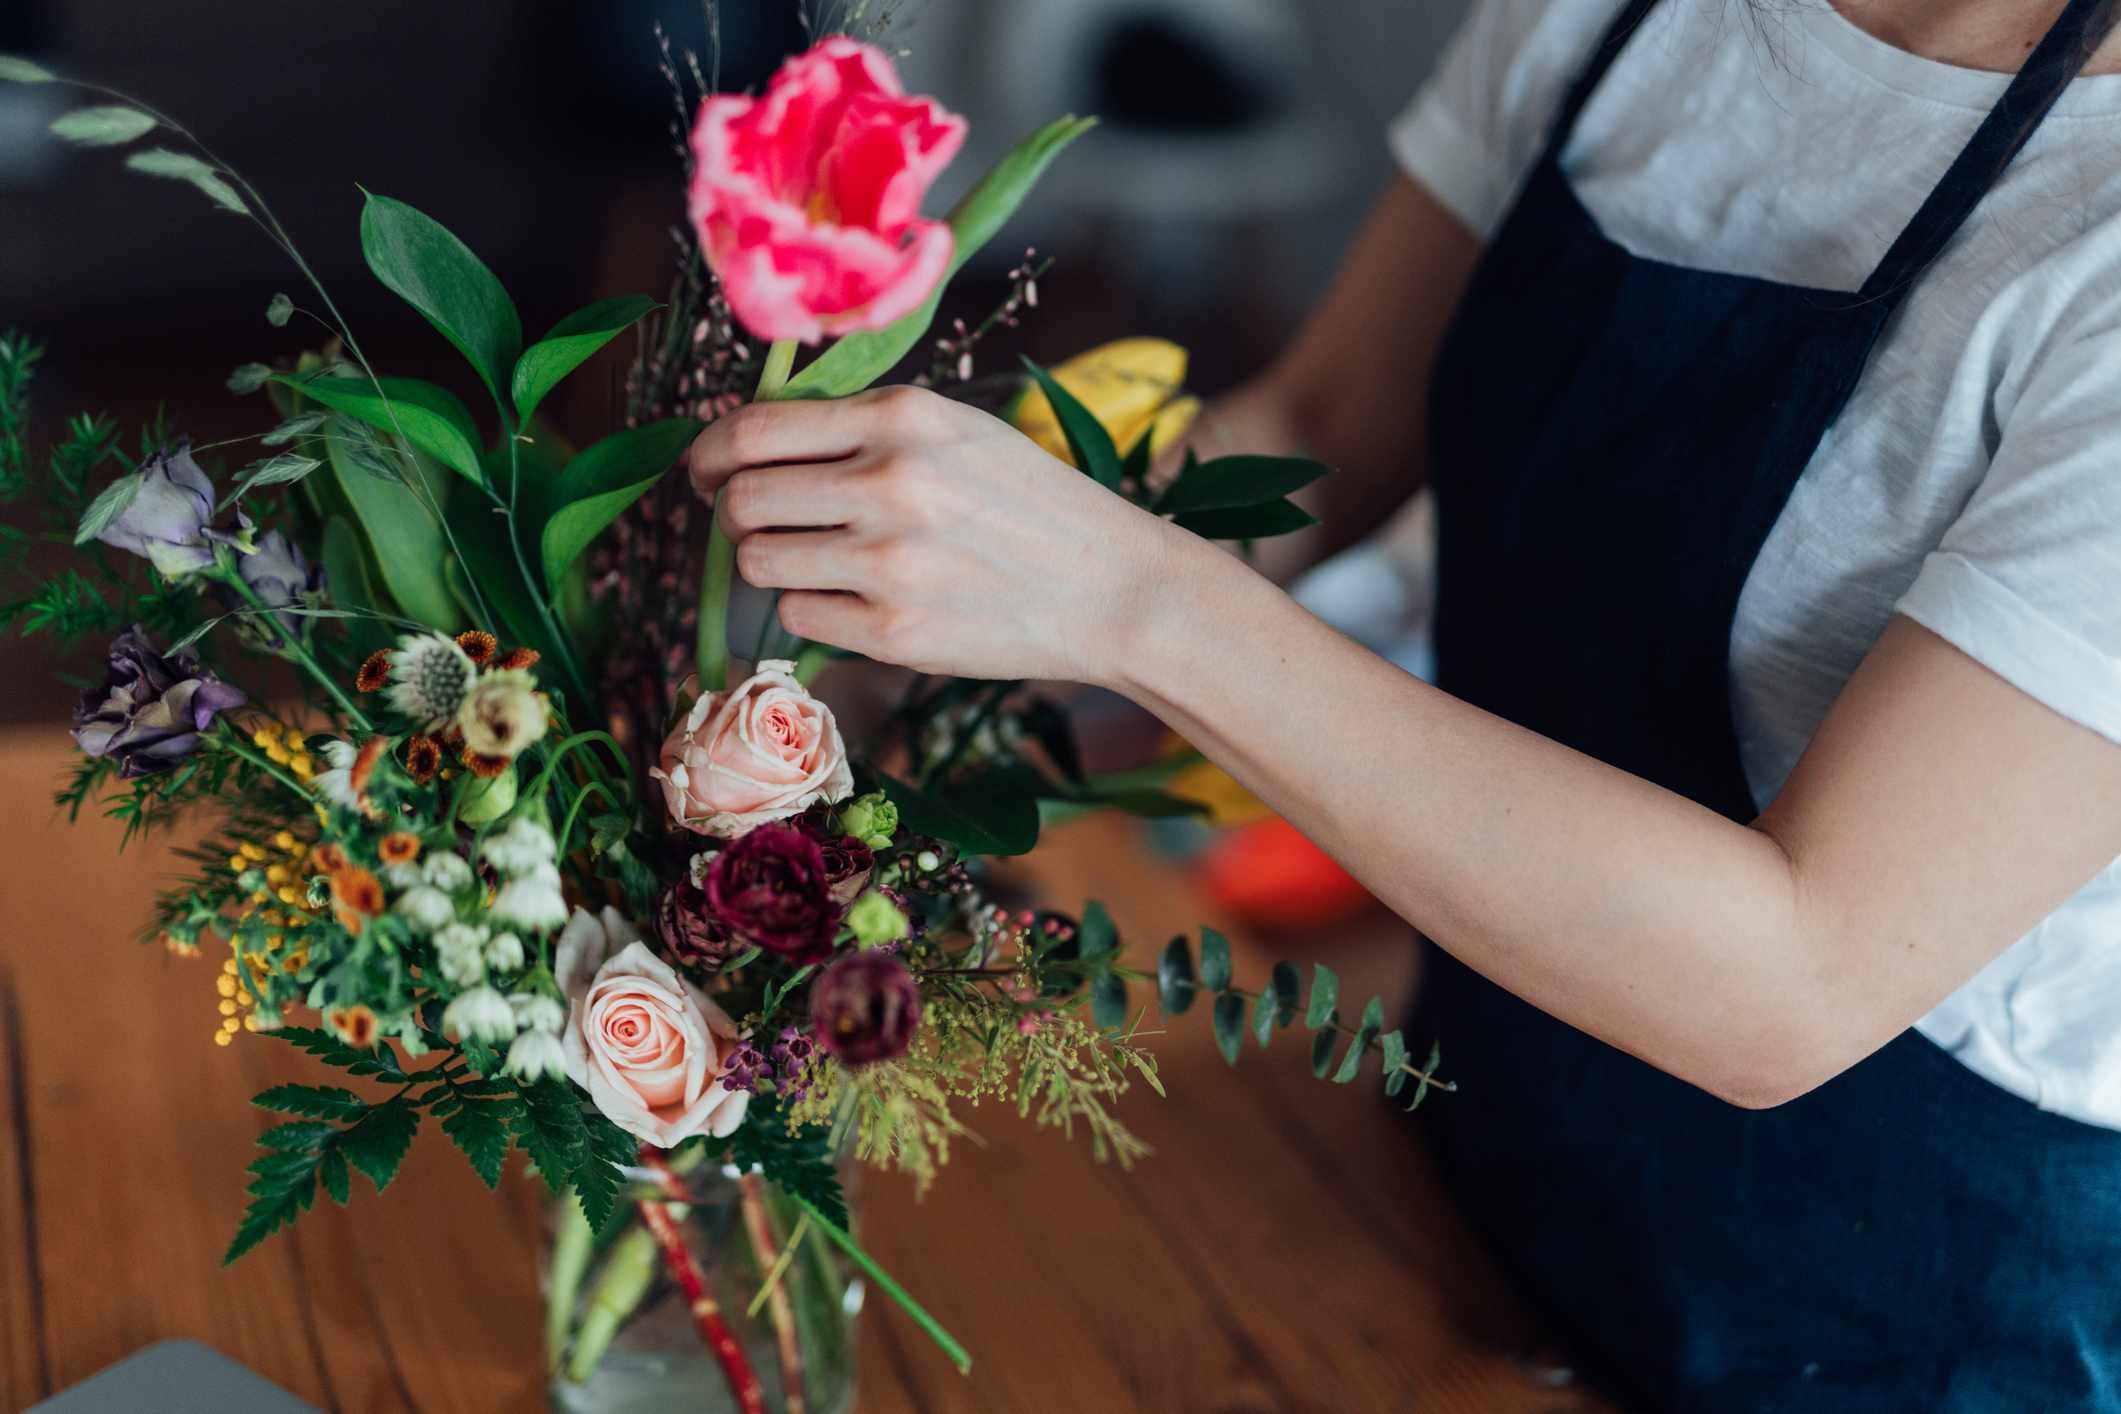 A floral arranging a floral bouquet